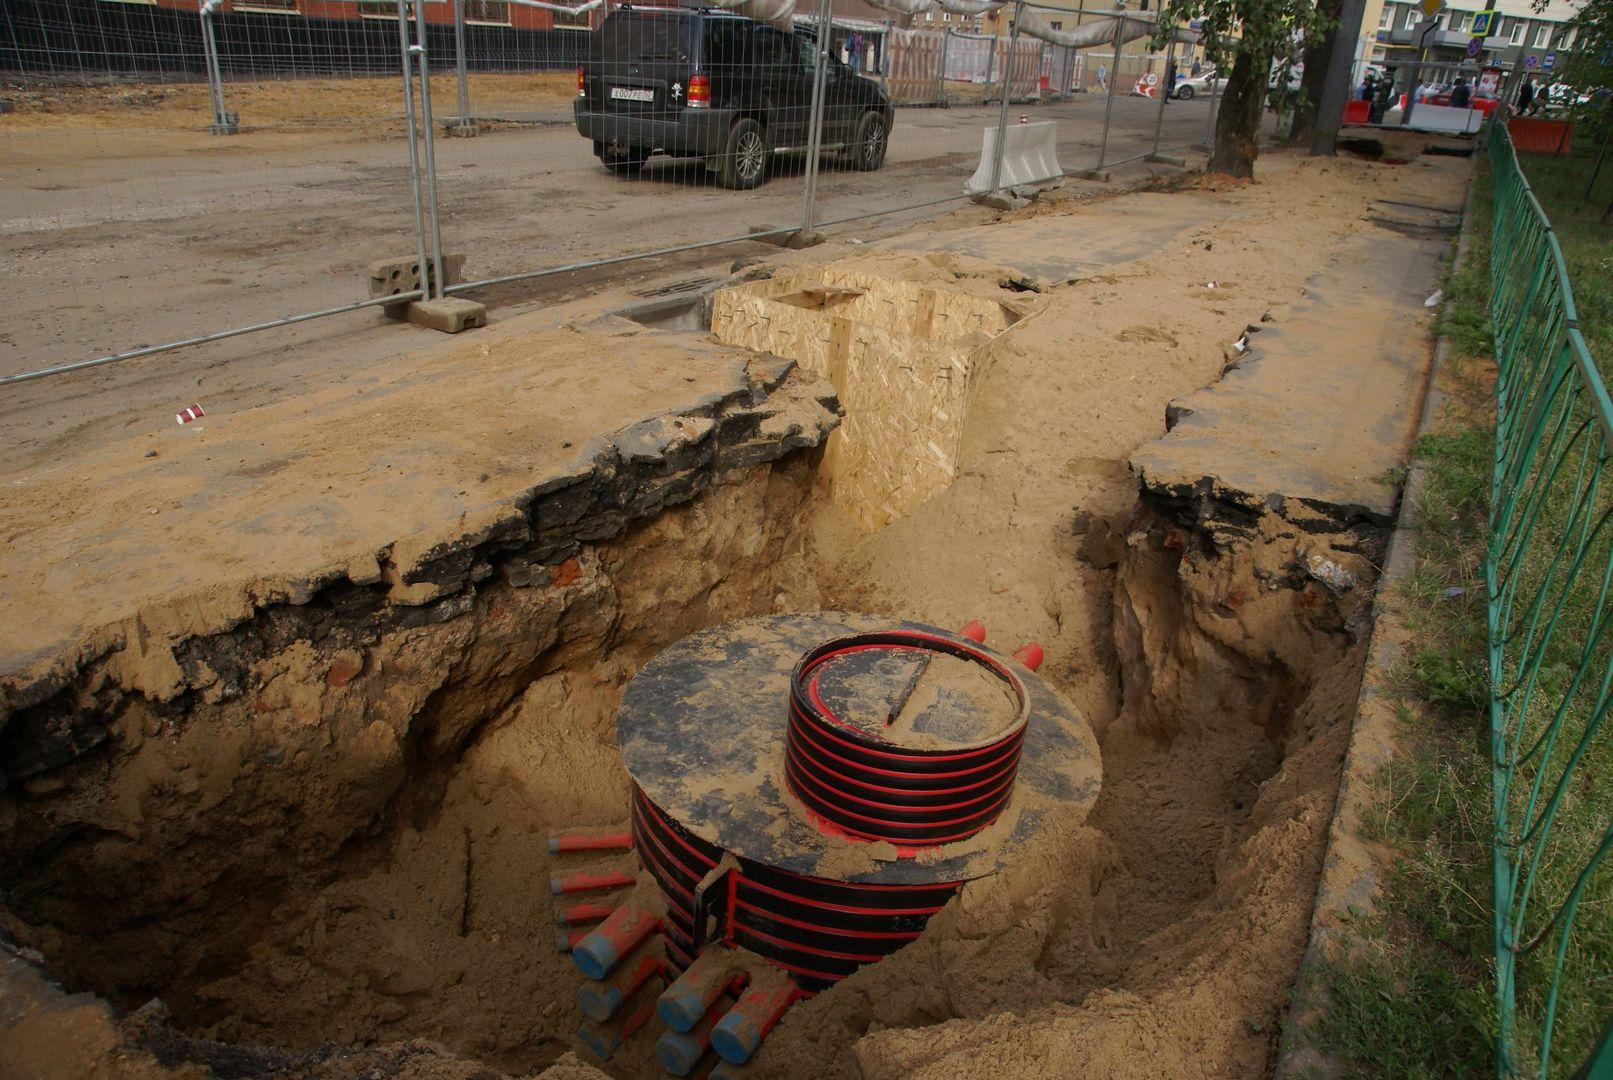 стройплощадка, кабель, кабельная канализация, траншея, люк